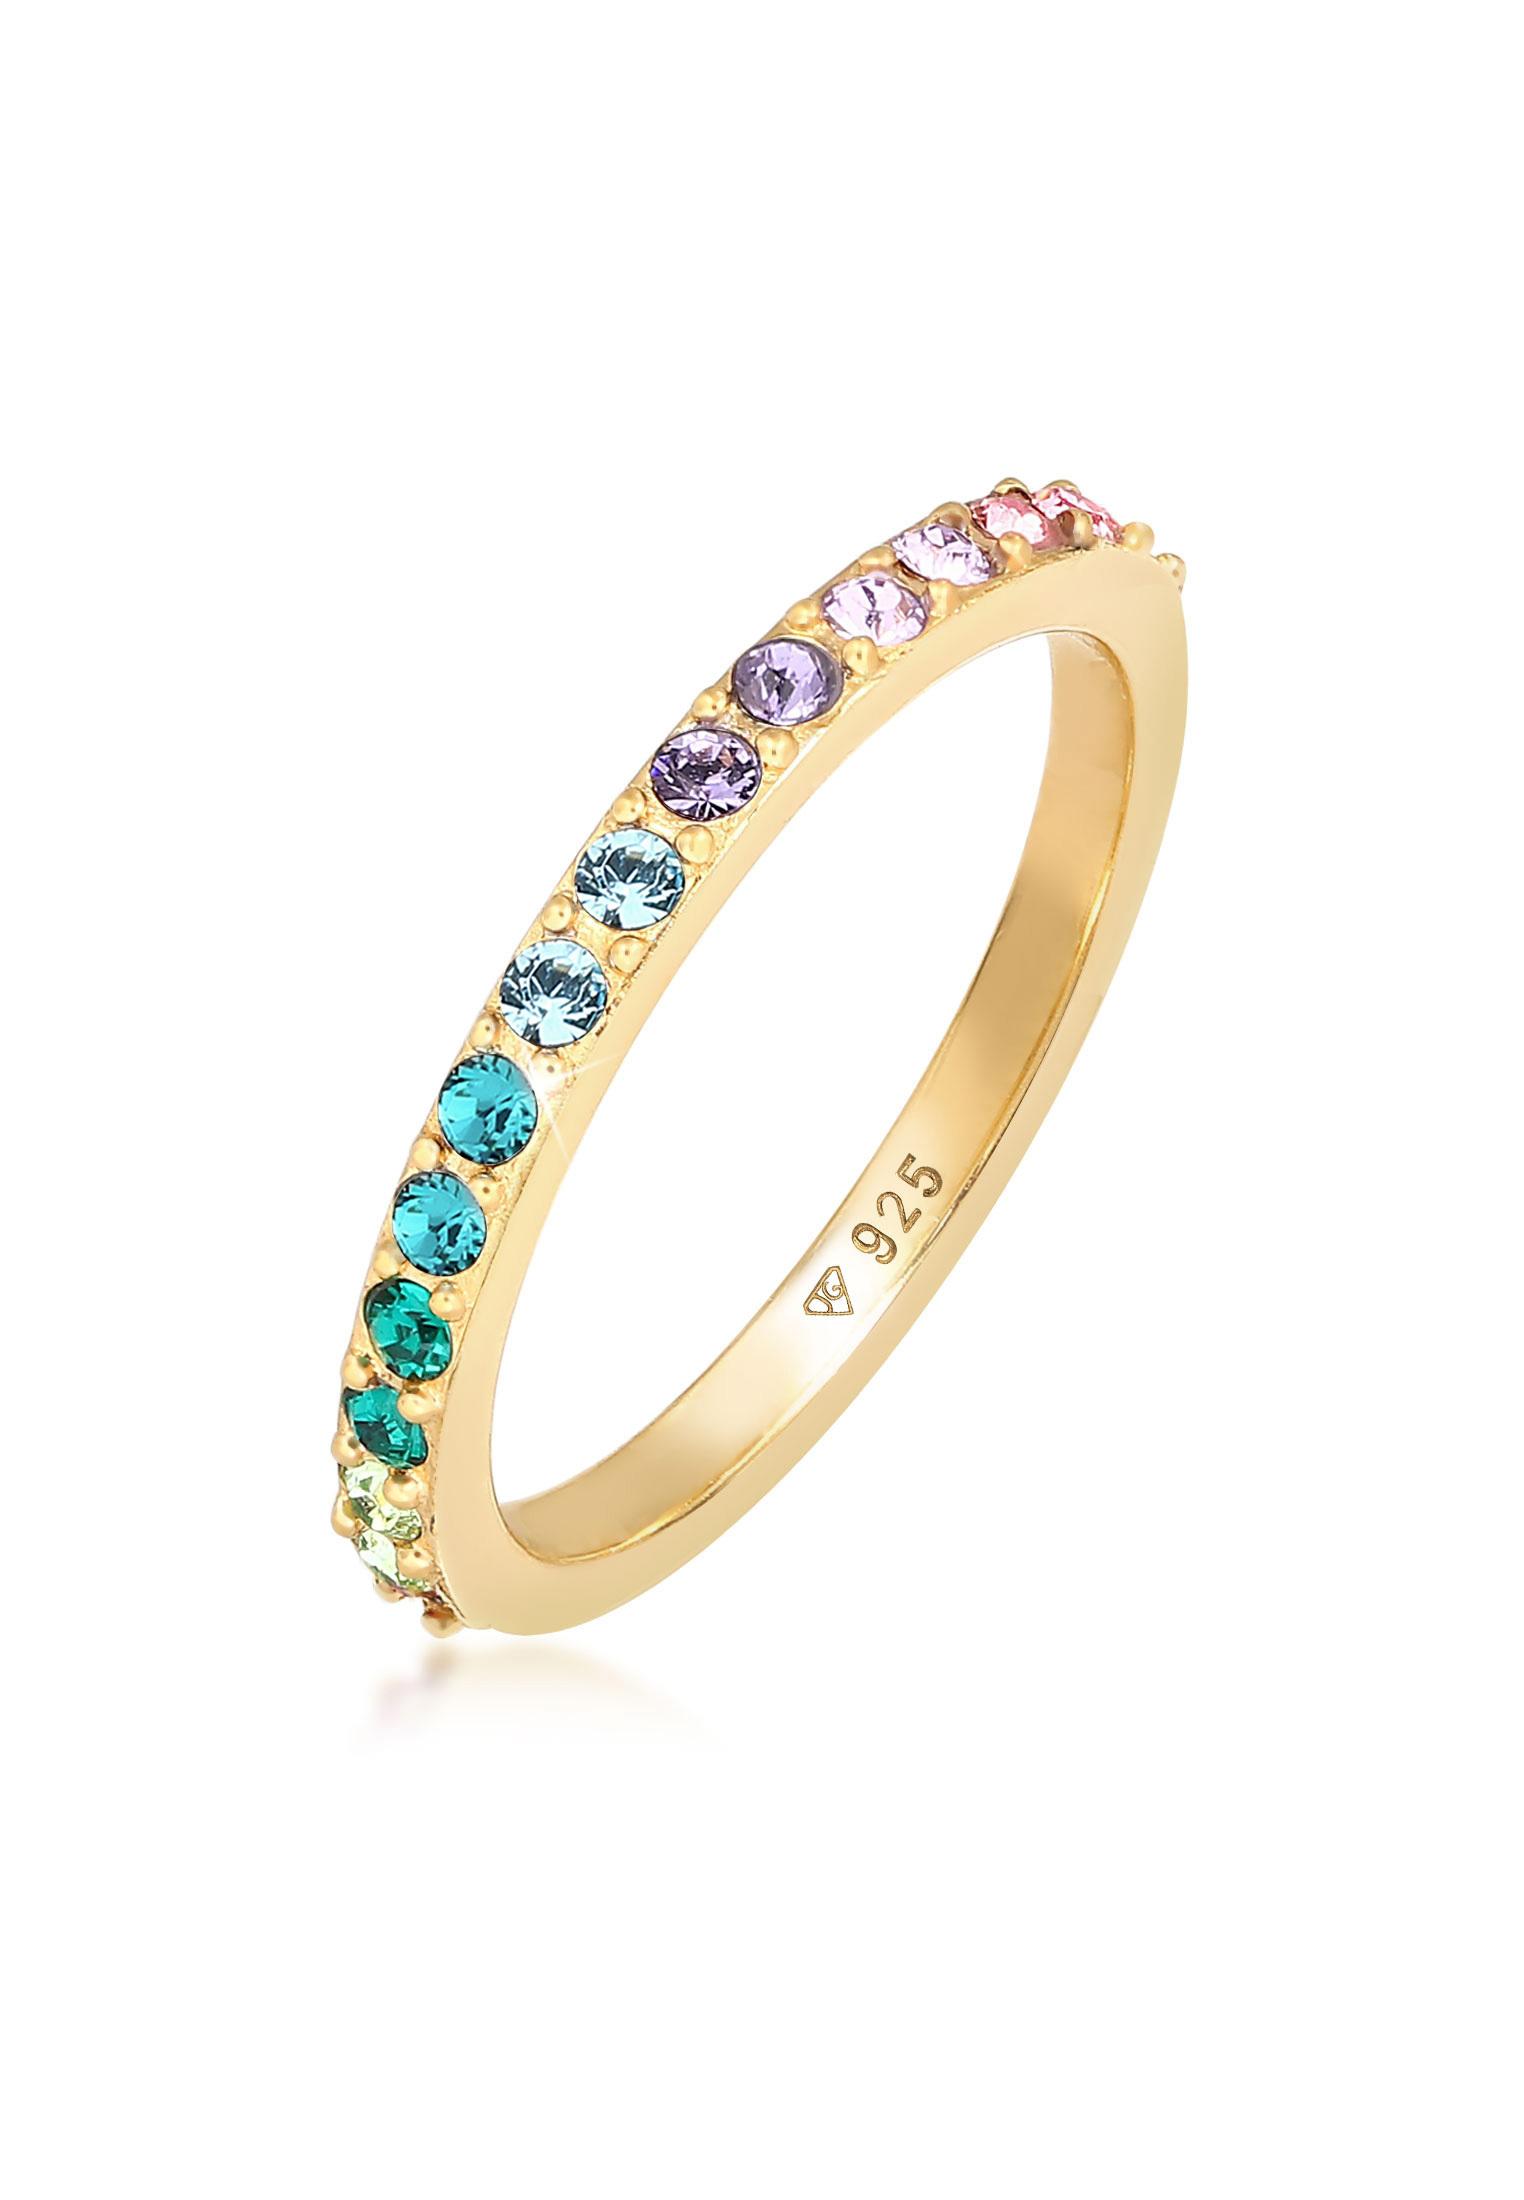 Bandring | Kristall (Bunt) | 925er Sterling Silber